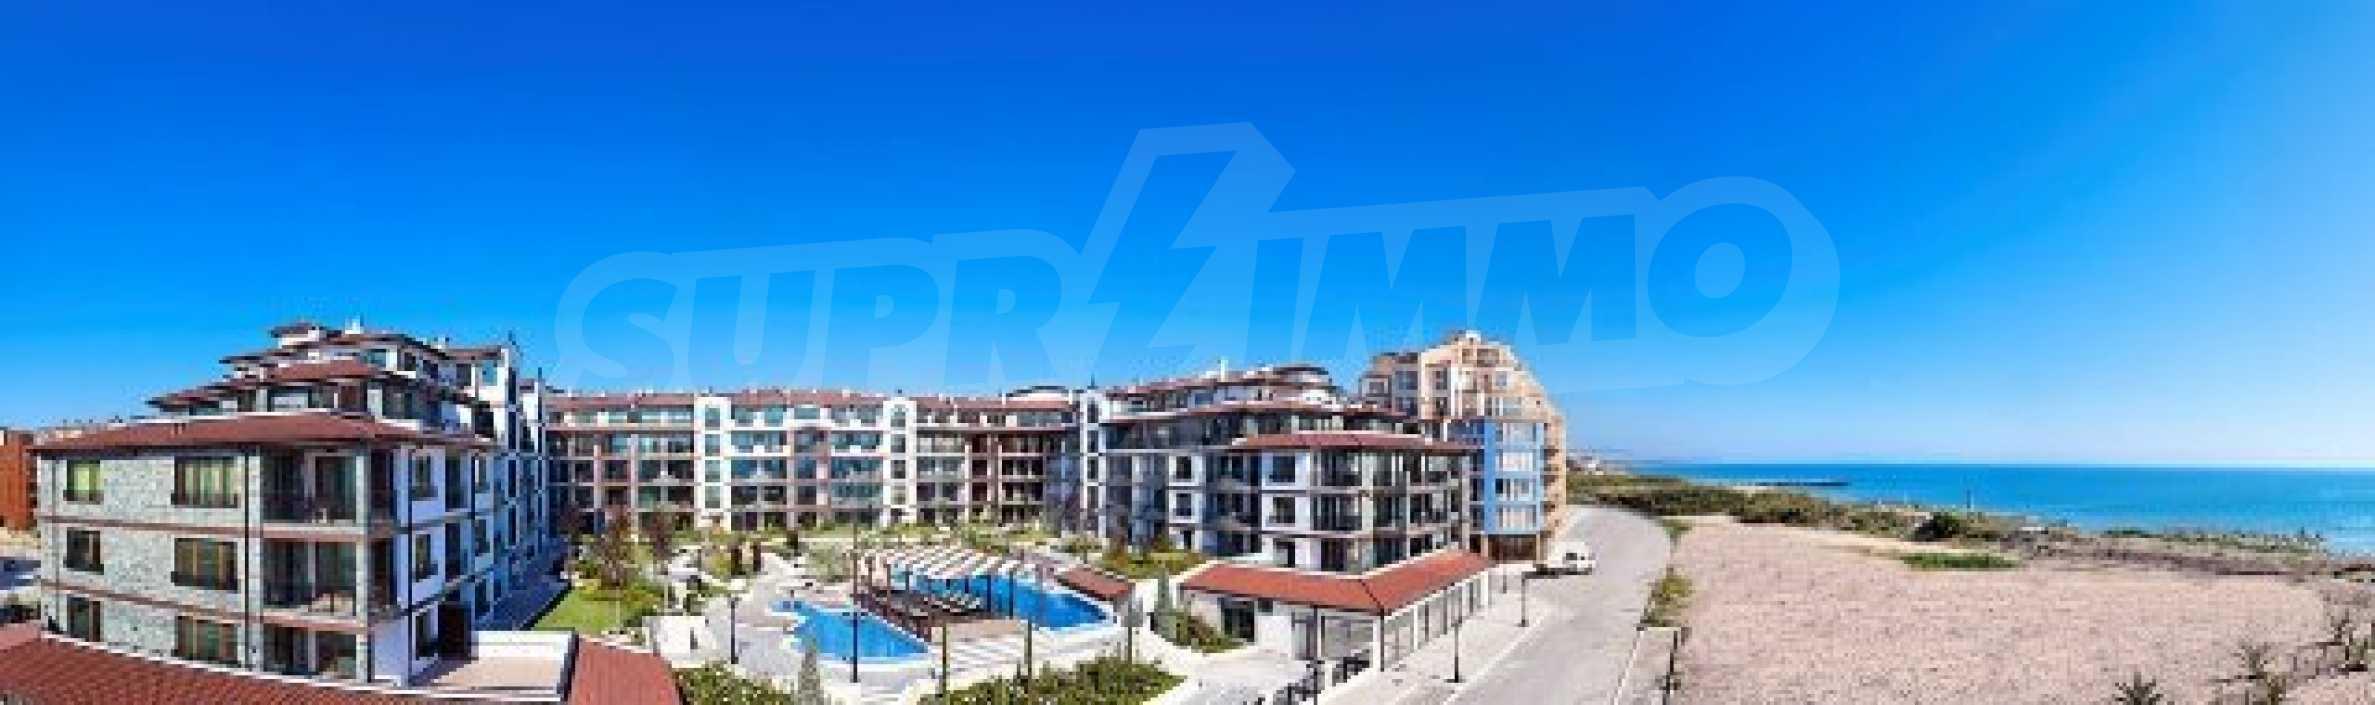 Апартаменти различни типове на метри от плажа 2